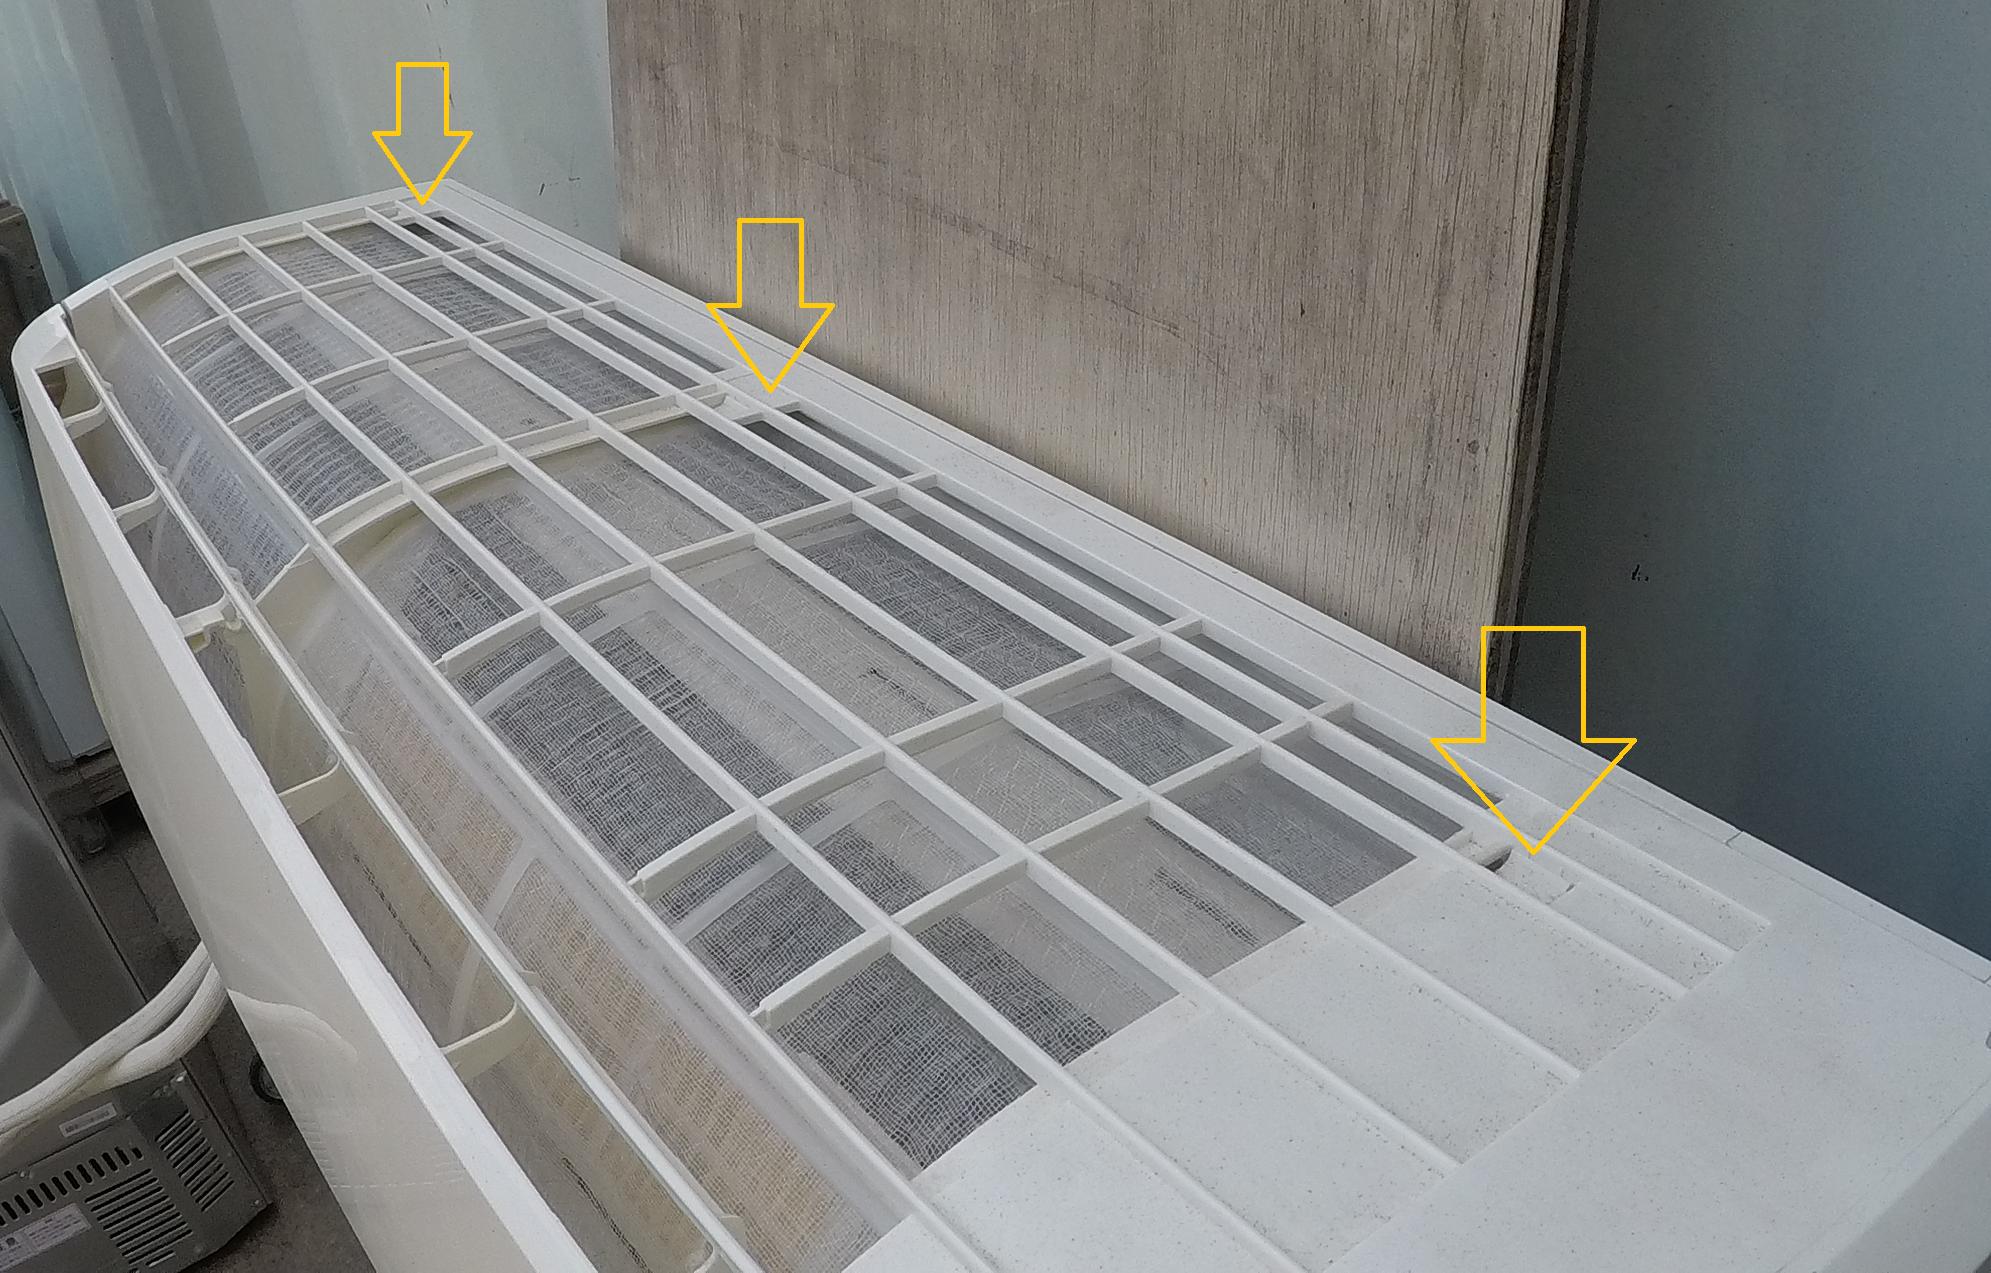 【三菱 ビーバーエアコン(SRK22TL) 自分で分解・掃除】ルーバーの外し方